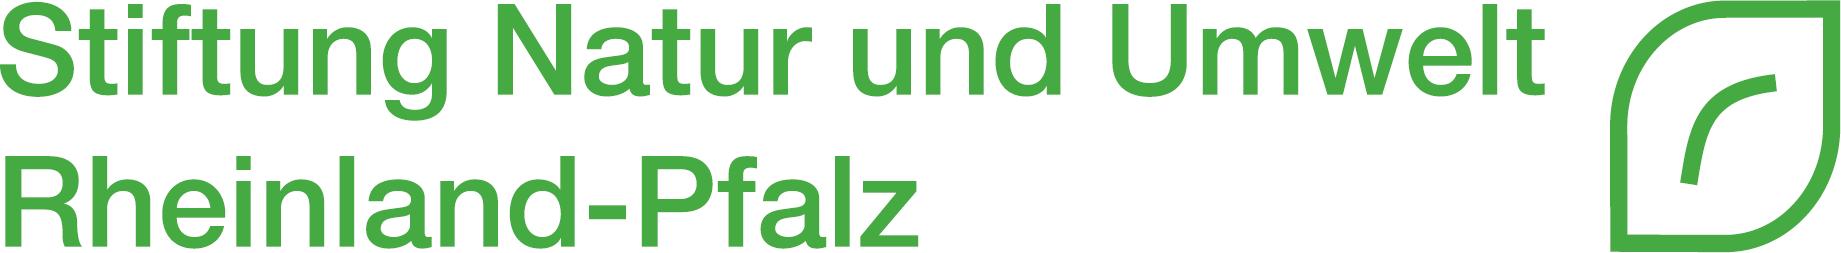 logo Stiftung Natur und Umwelt Rheinland-Pfalz